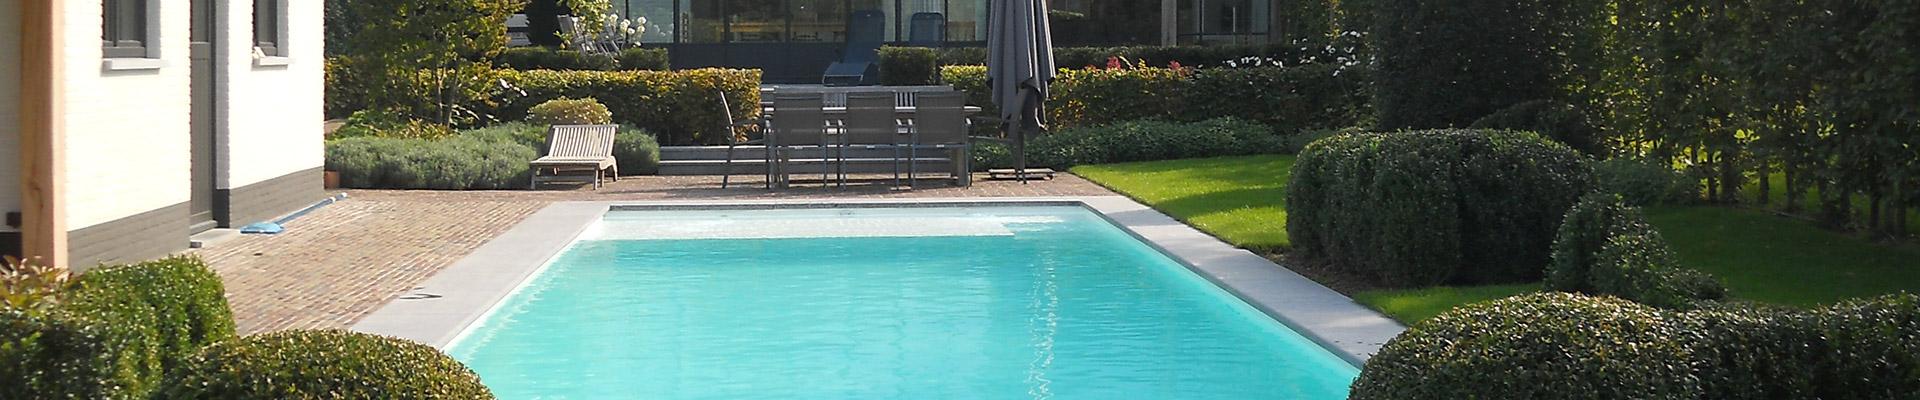 Trendy aanleg zwembaden with opbouw zwembad laten plaatsen for Inbouw zwembad rechthoek